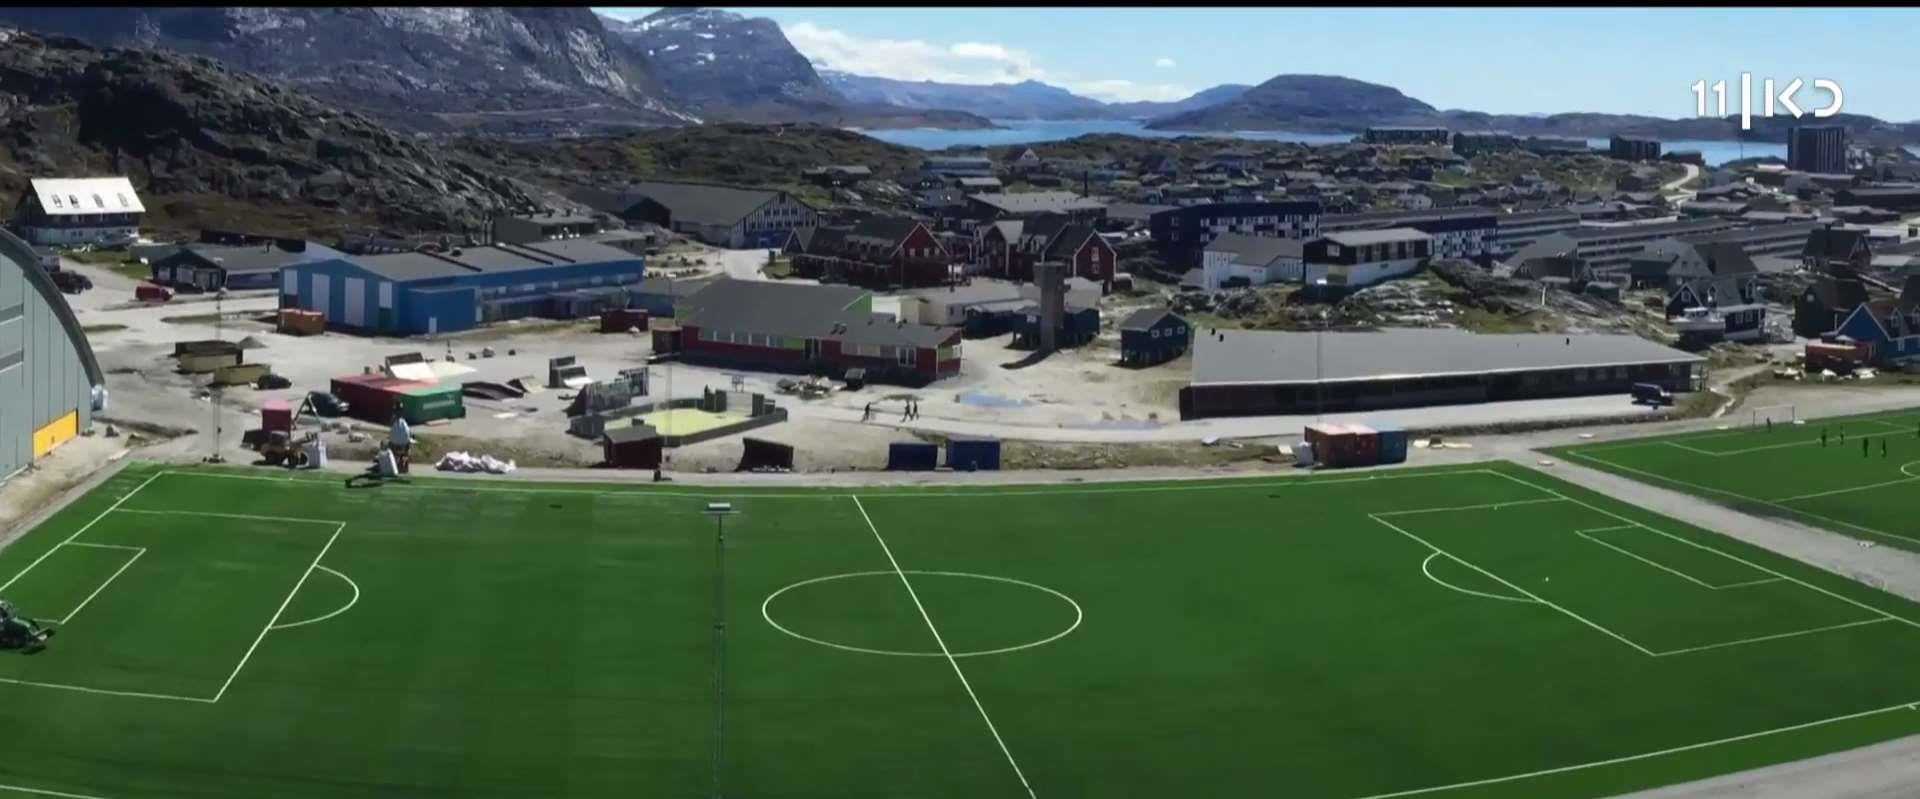 מגרש הכדורגל בבירת גרינלנד